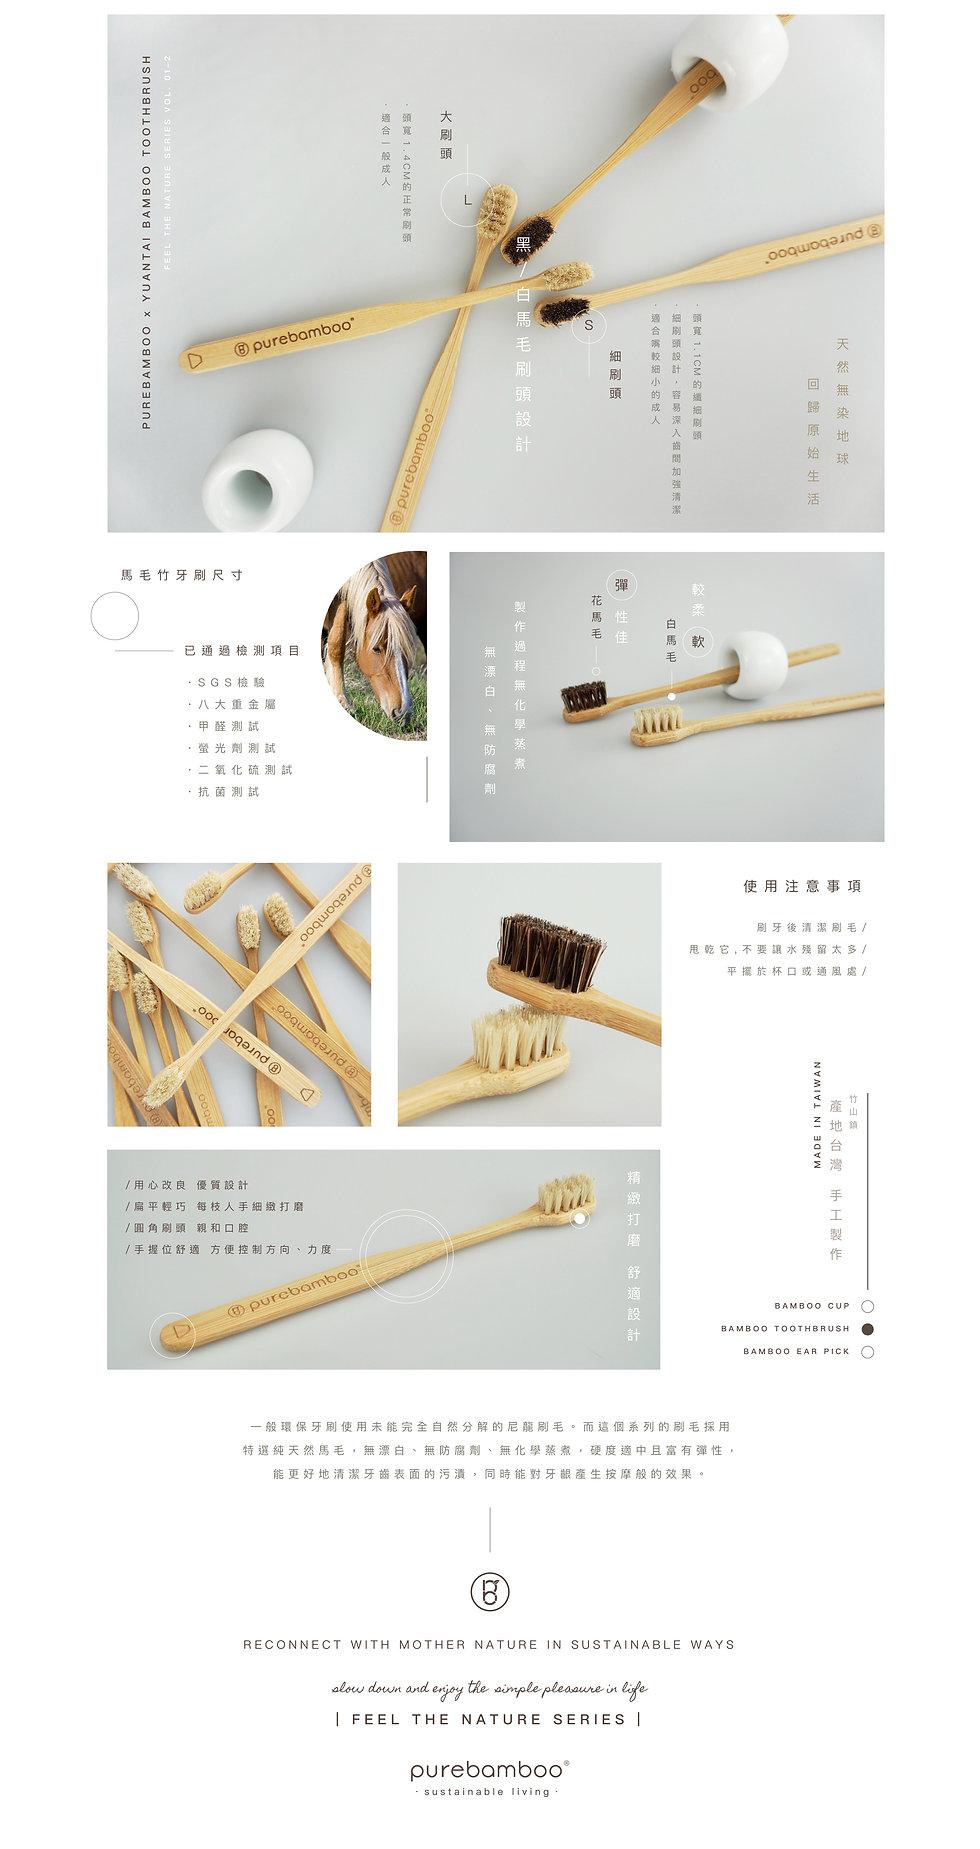 PureBamboo_Bamboo Toothbrush-3.jpg